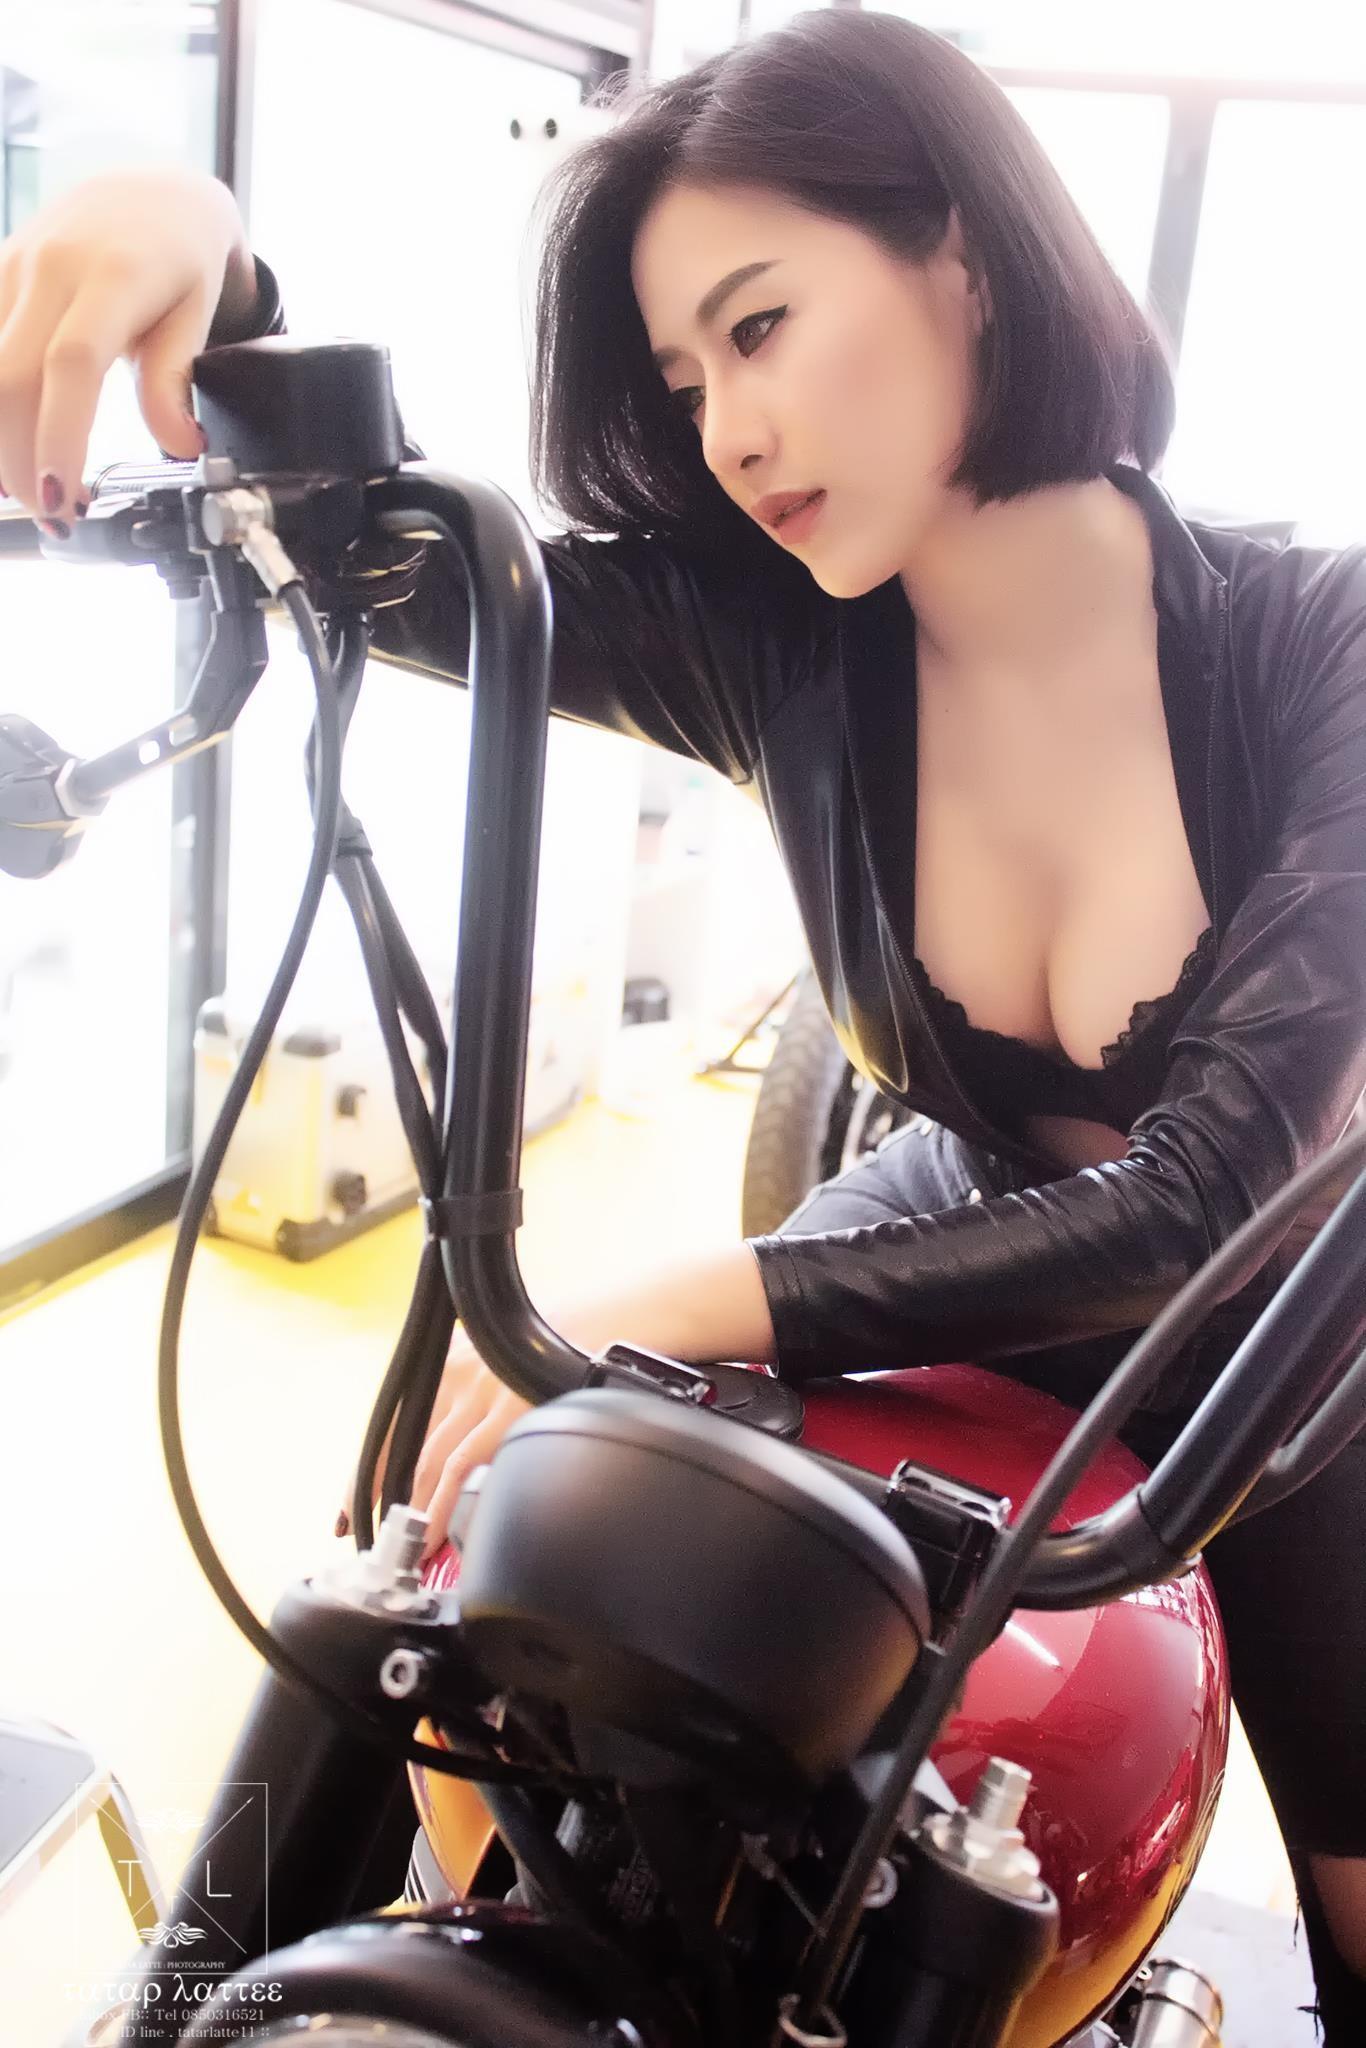 """Nữ biker """"vô tình"""" lộ vòng 1 nóng bỏng trong khi kiểm tra mô tô - 2"""